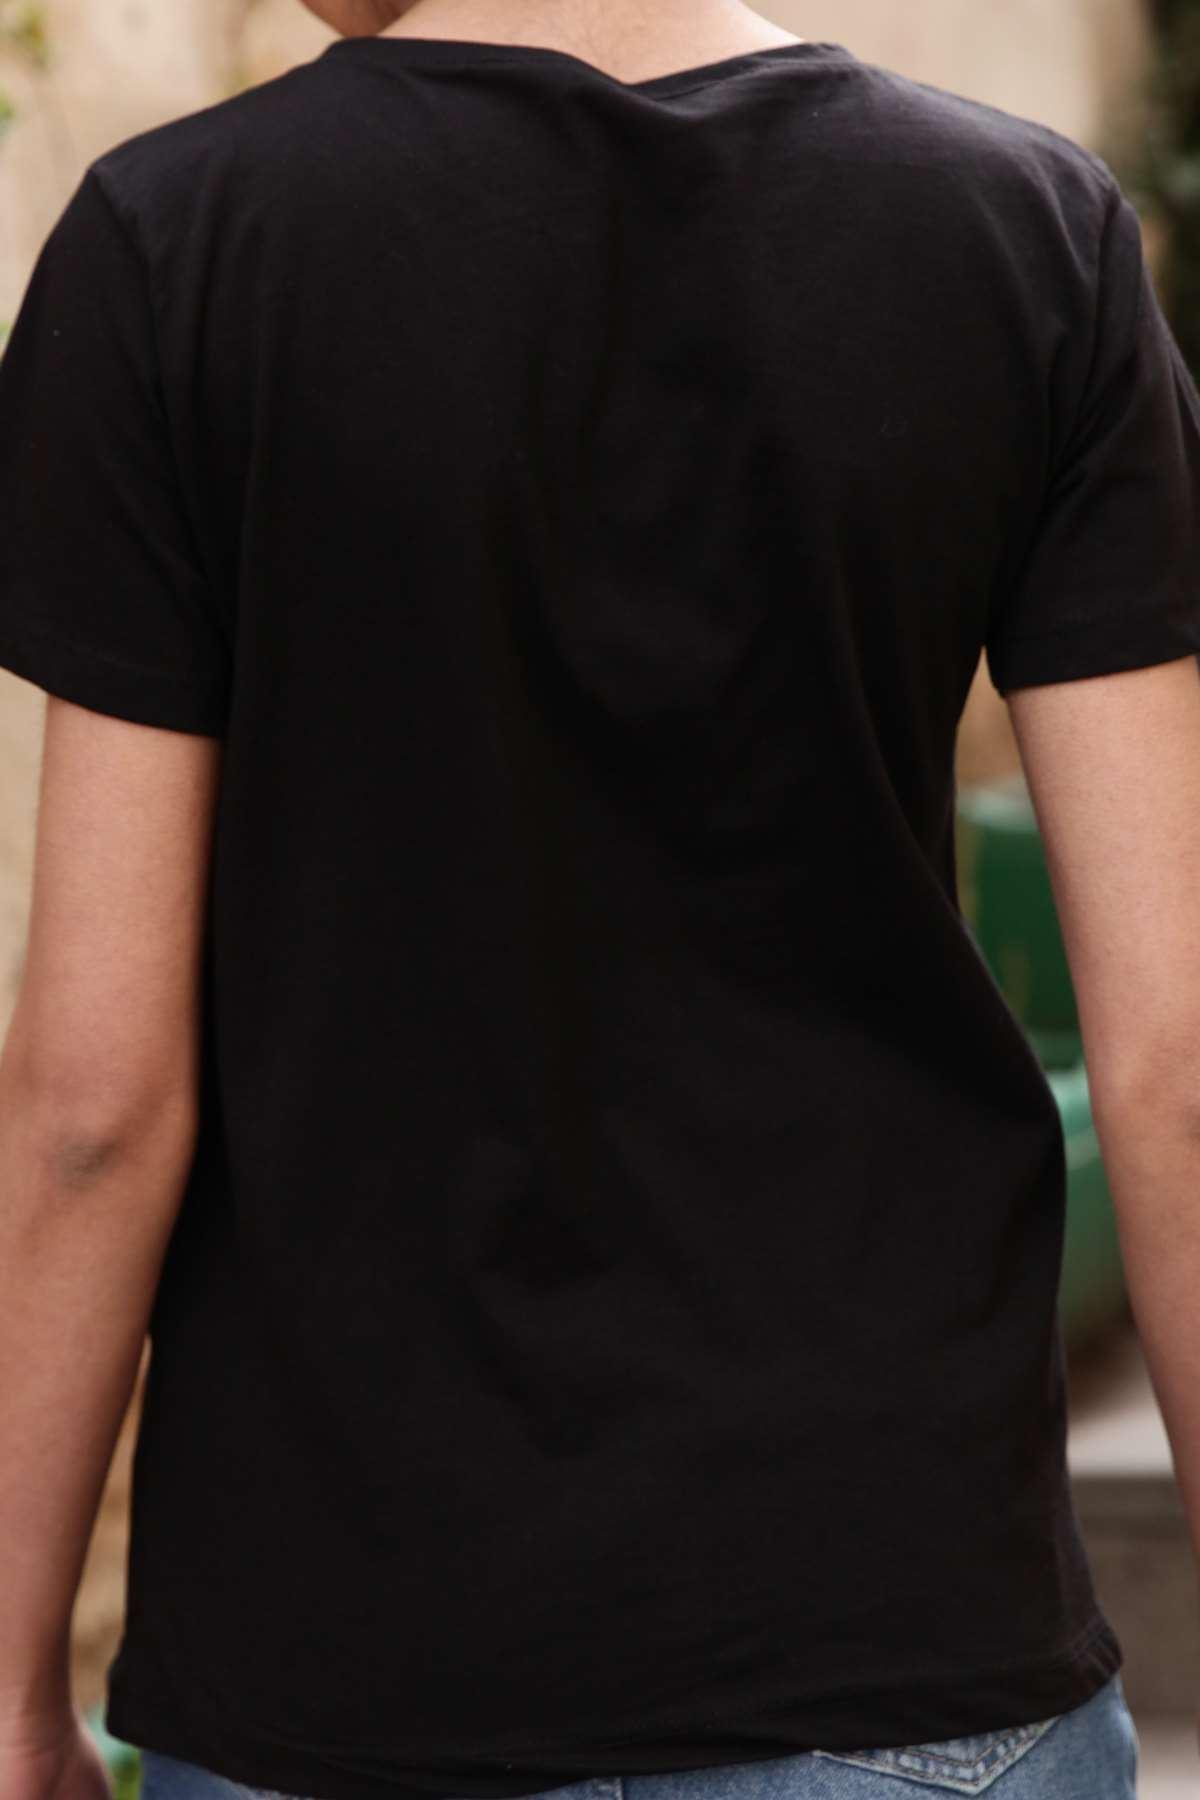 Önü Tüylü Dudak Detaylı Simit Yaka Tişört Siyah